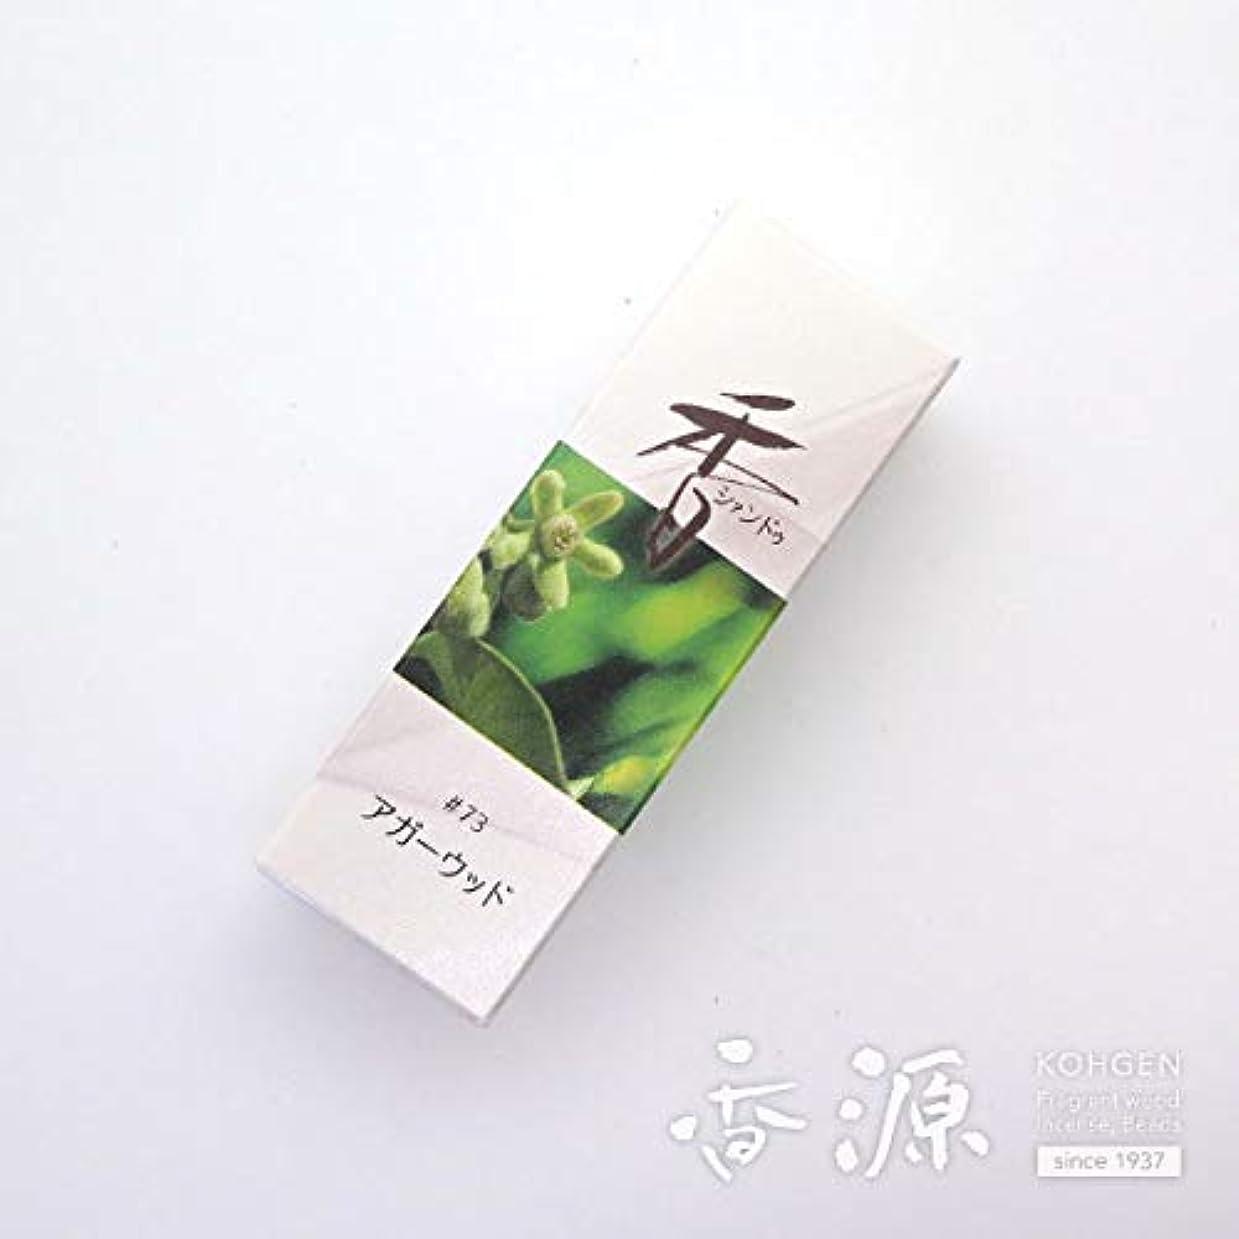 専門閉じ込めるメルボルン松栄堂のお香 Xiang Do(シャンドゥ) アガーウッド ST20本入 簡易香立付 #214273